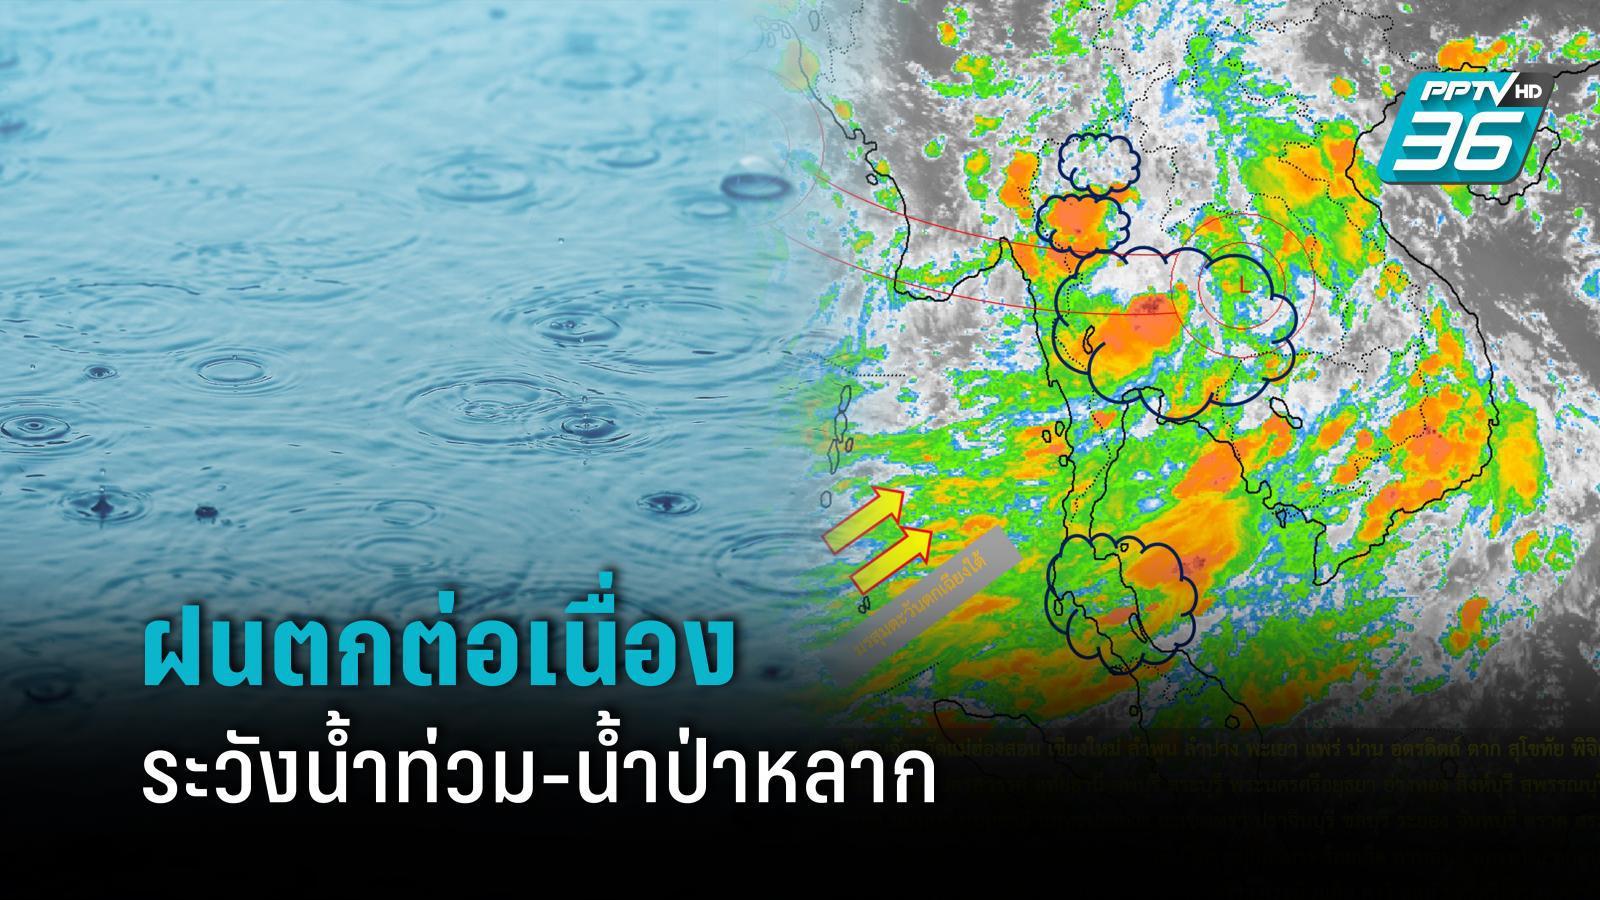 อุตุฯ เตือน ฝนถล่มต่อเนื่อง 55 จังหวัด  ระวังน้ำท่วม-น้ำป่าหลาก